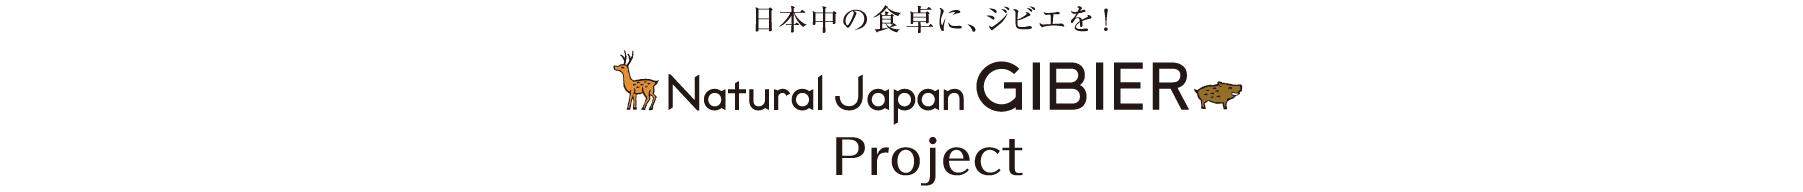 NJジビエプロジェクト